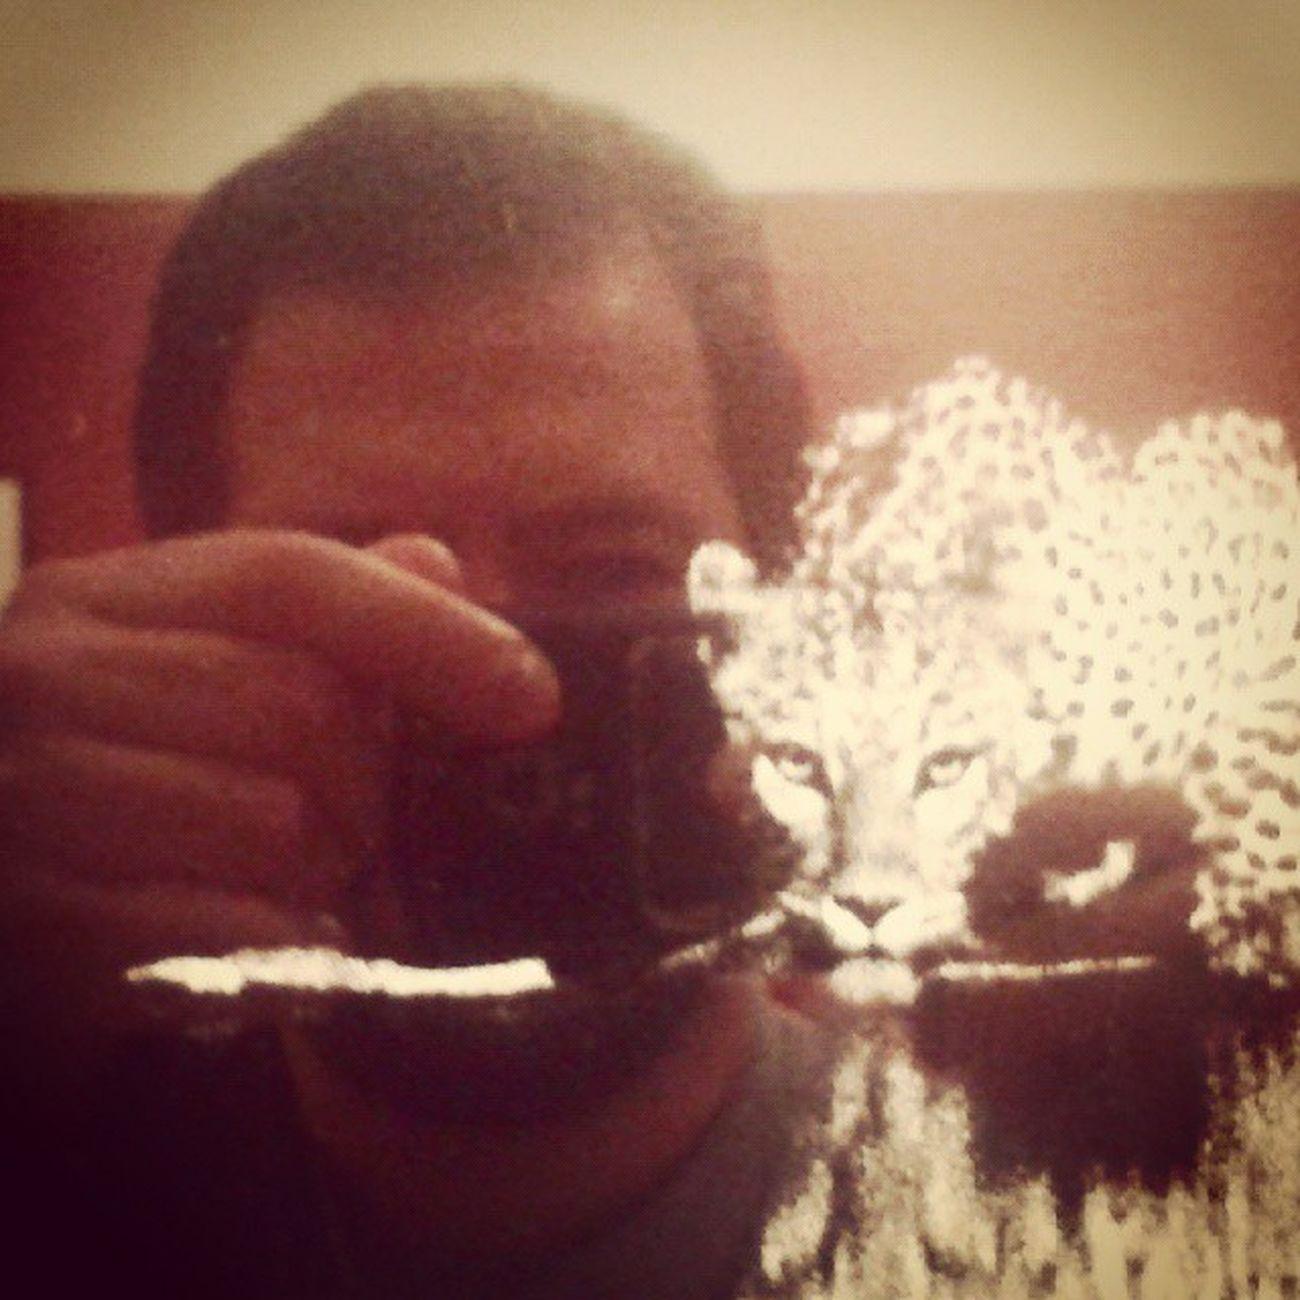 """Um dos """"gatinhos"""" na exposição Genesis do Sebastião Salgado. Photography MemyselfandI Selfportrait SebastiaoSalgado Lisboa Lisbon Igersportugal Ig_portugal Igerslisboa Ig_lisboa Cordoarianacional Exibition Jornalinsta A_meu_ver Photographer Fromwhereistand Instaphoto Instagood Art Artgallery Peloscaminhosdeportugal Lovelyplanet Patrimonio Portugaldenorteasul Aroundtheworld culture igmasters"""